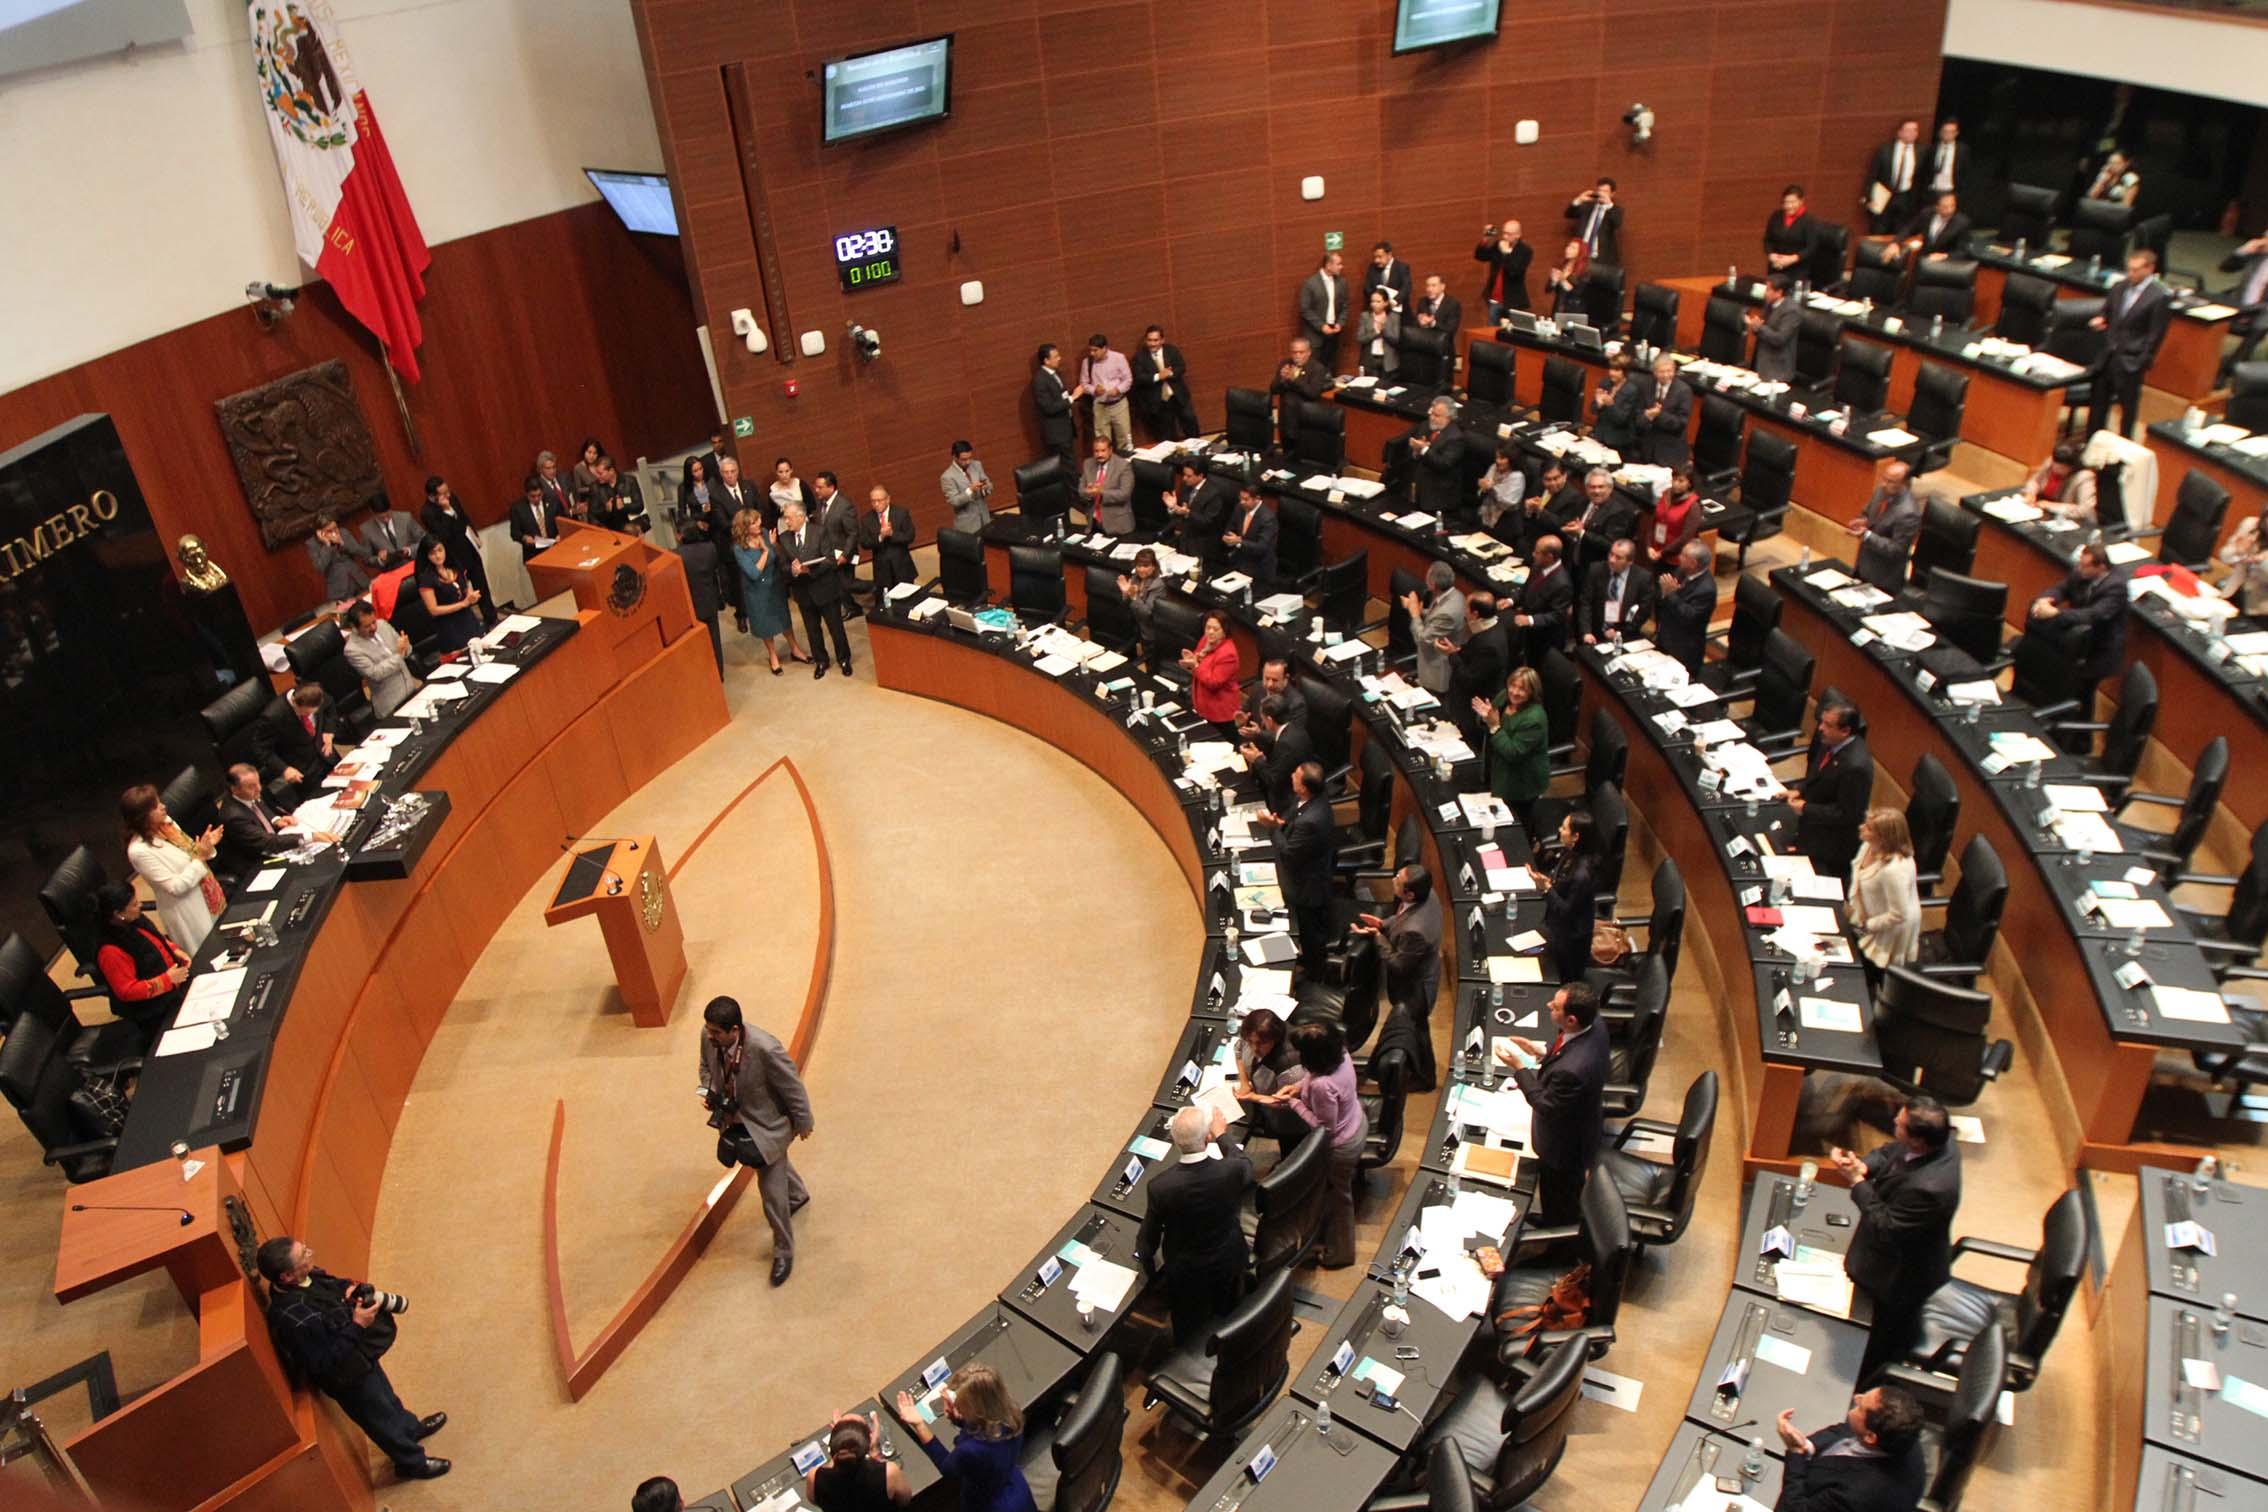 El Senado aprueba el Tratado Transpacífico